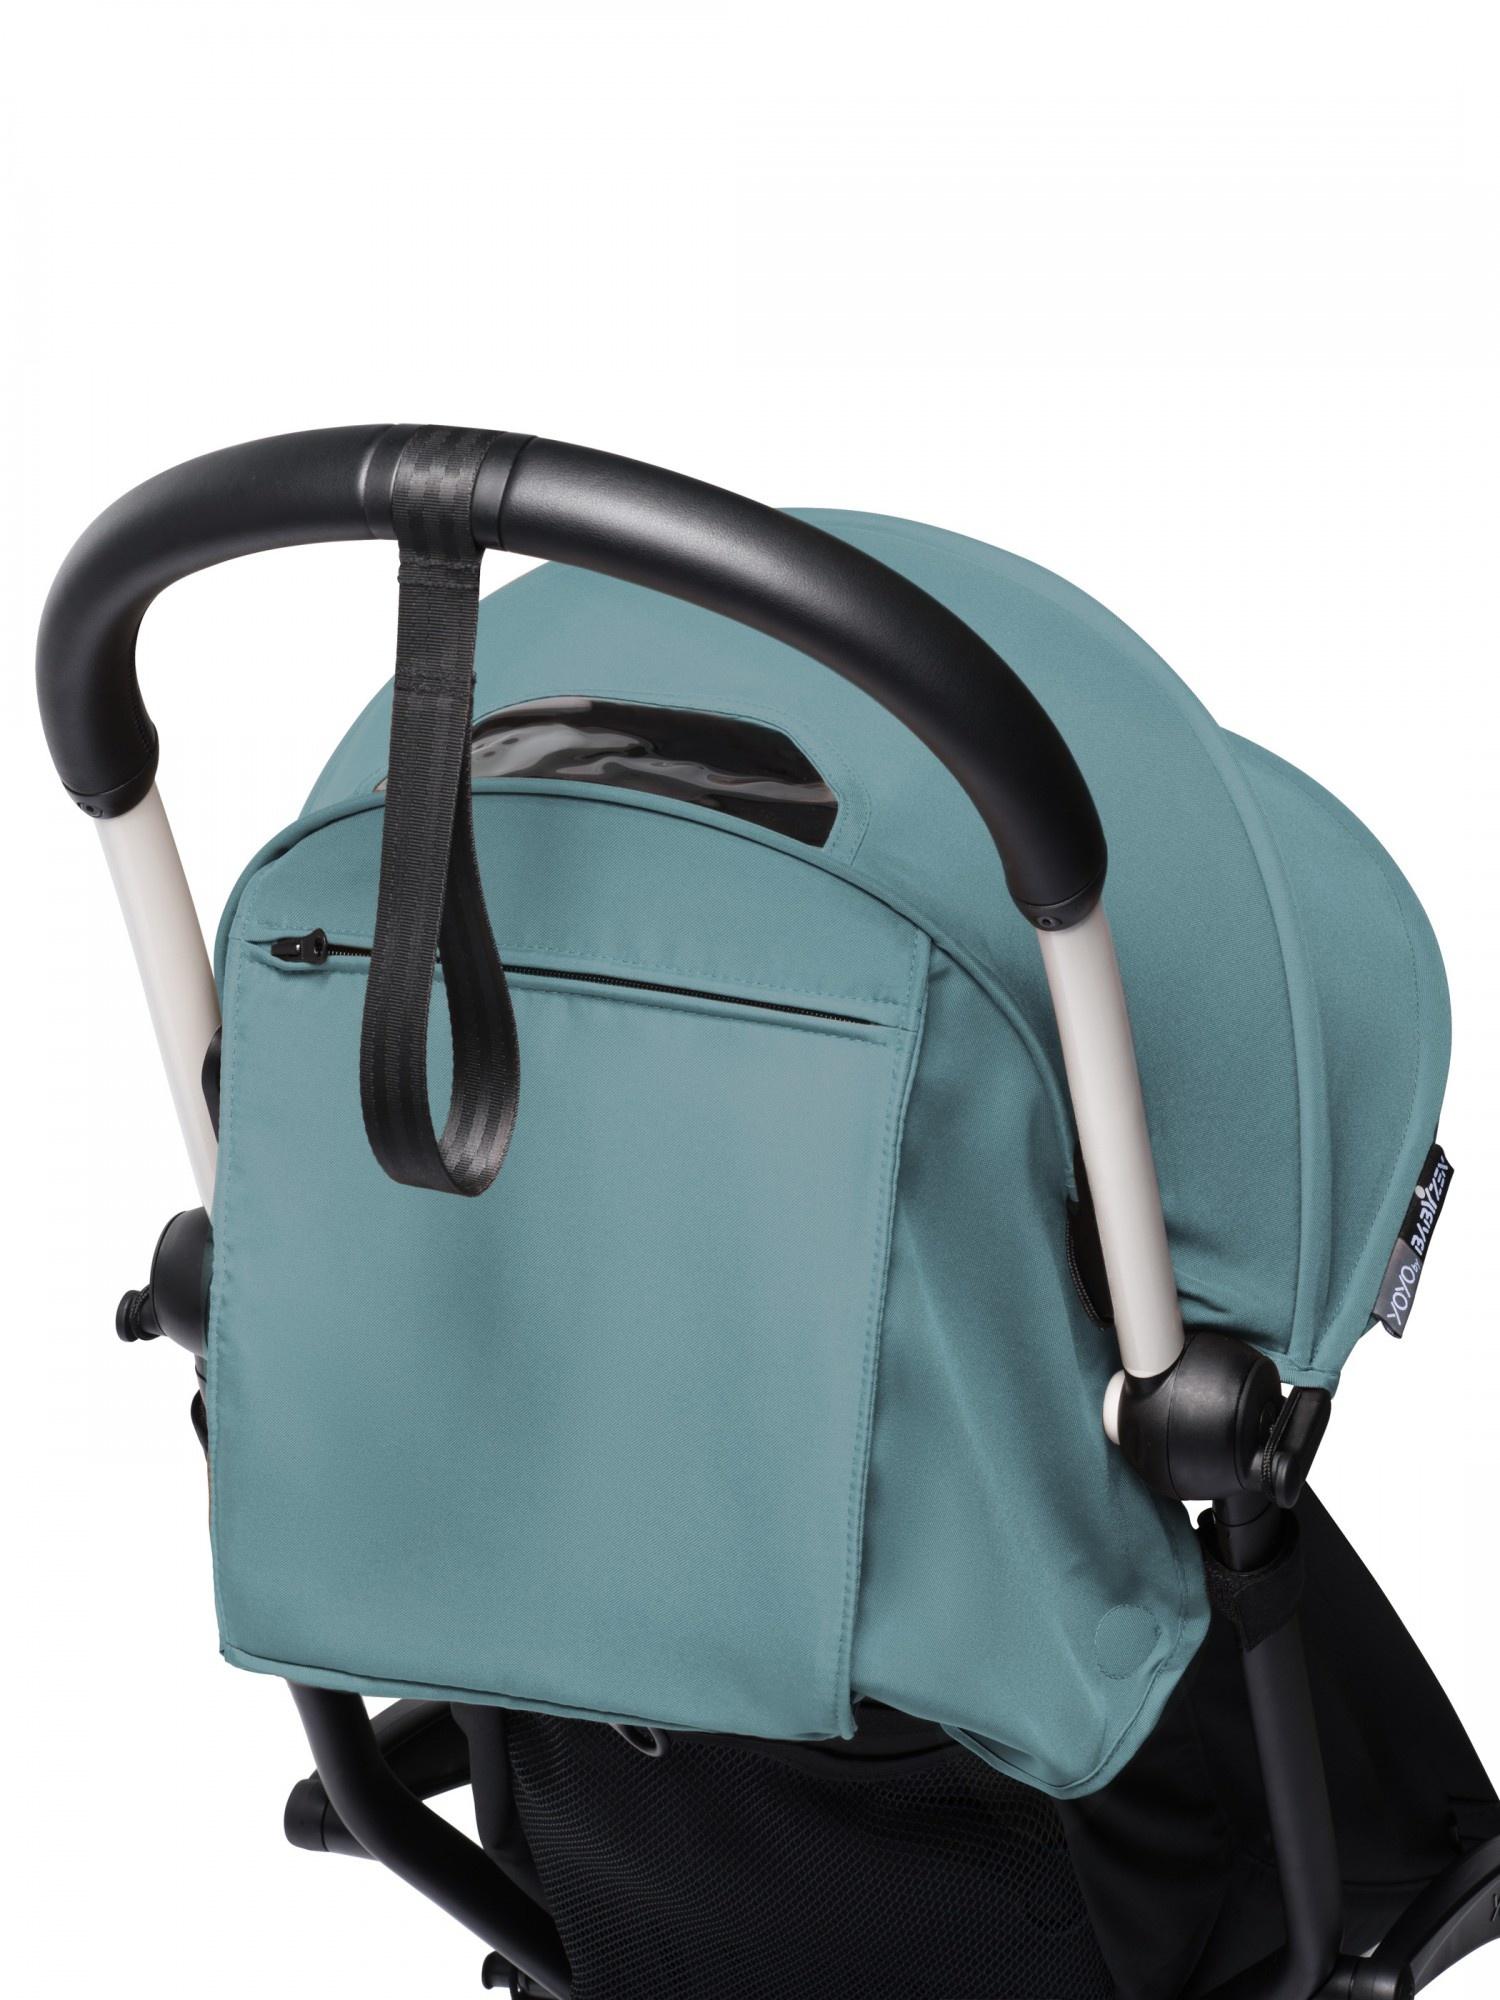 Babyzen Babyzen YOYO² buggy COMPLEET vanaf de geboorte inclusief YOYO² BeSafe autostoel zwart  en YOYO Bag -  aqua met frame wit